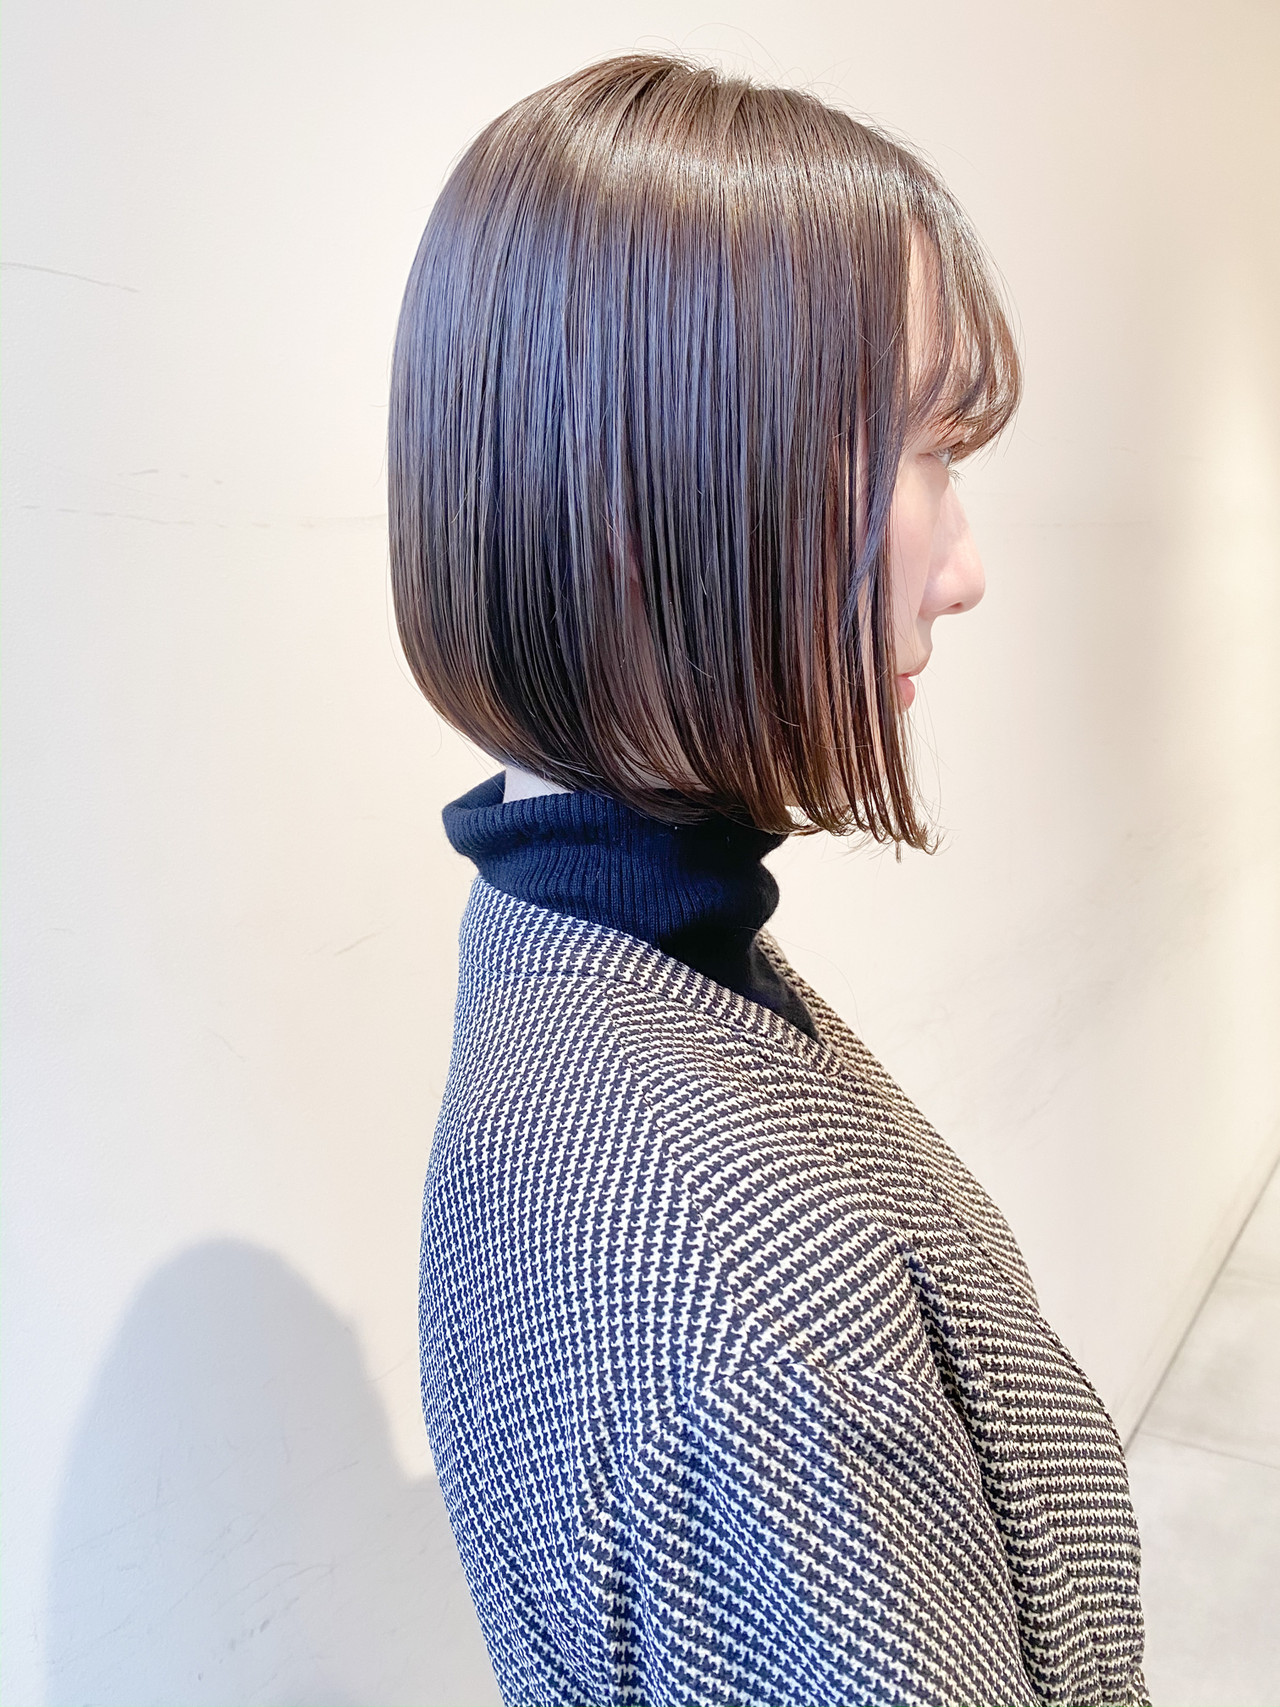 ミニボブ ショートボブ ナチュラル ミルクティーグレージュ ヘアスタイルや髪型の写真・画像